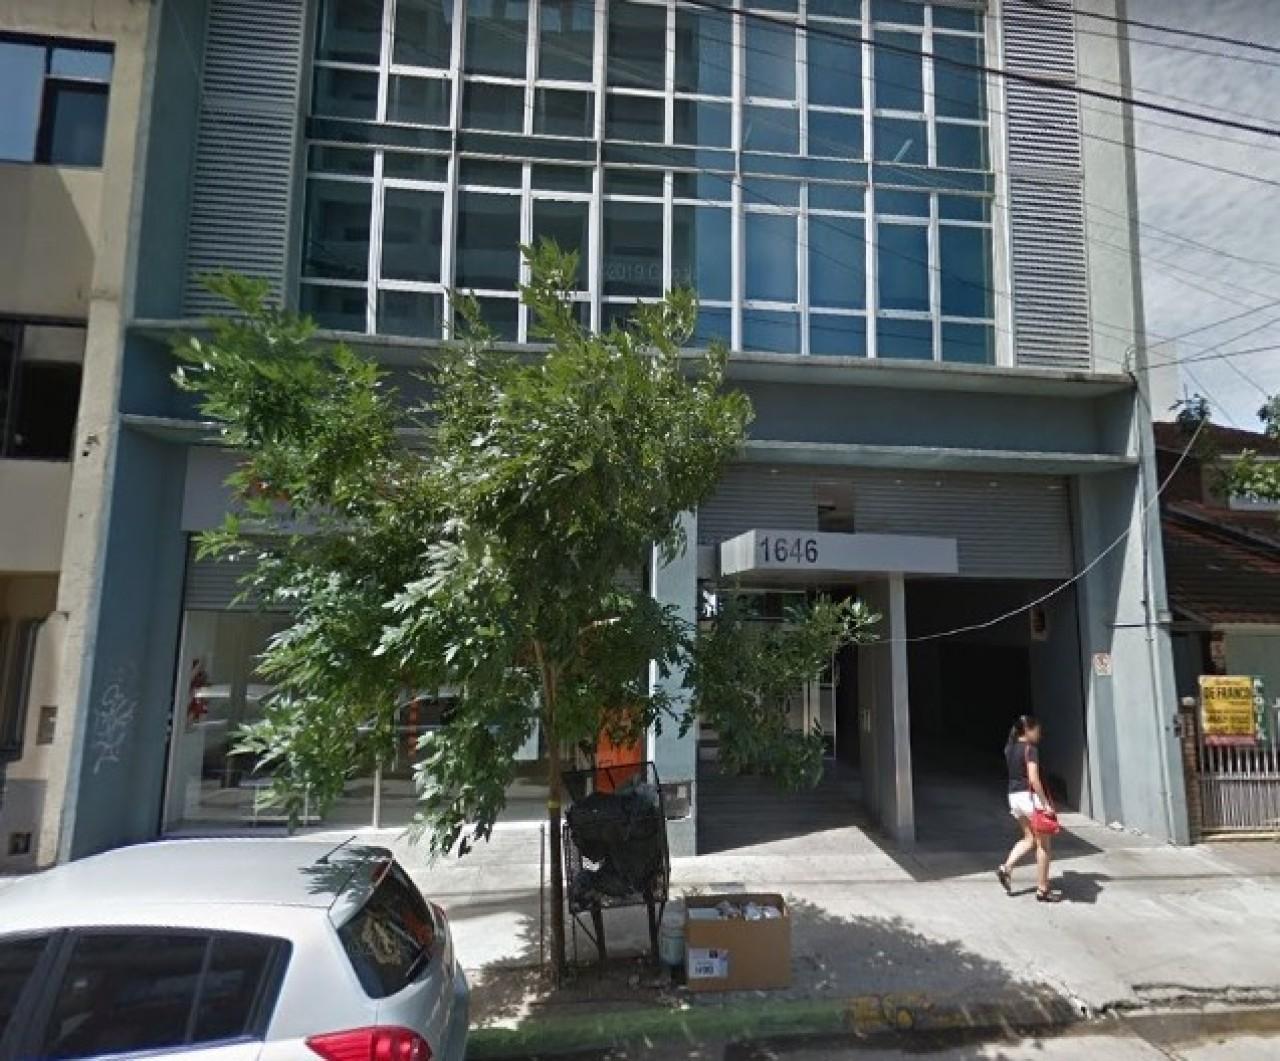 ### OFICINA 50m² / ALQUILER EN CENTRO DE SAN MIGUEL - EDIFICO PAUNERO BLUE (p1646) ###